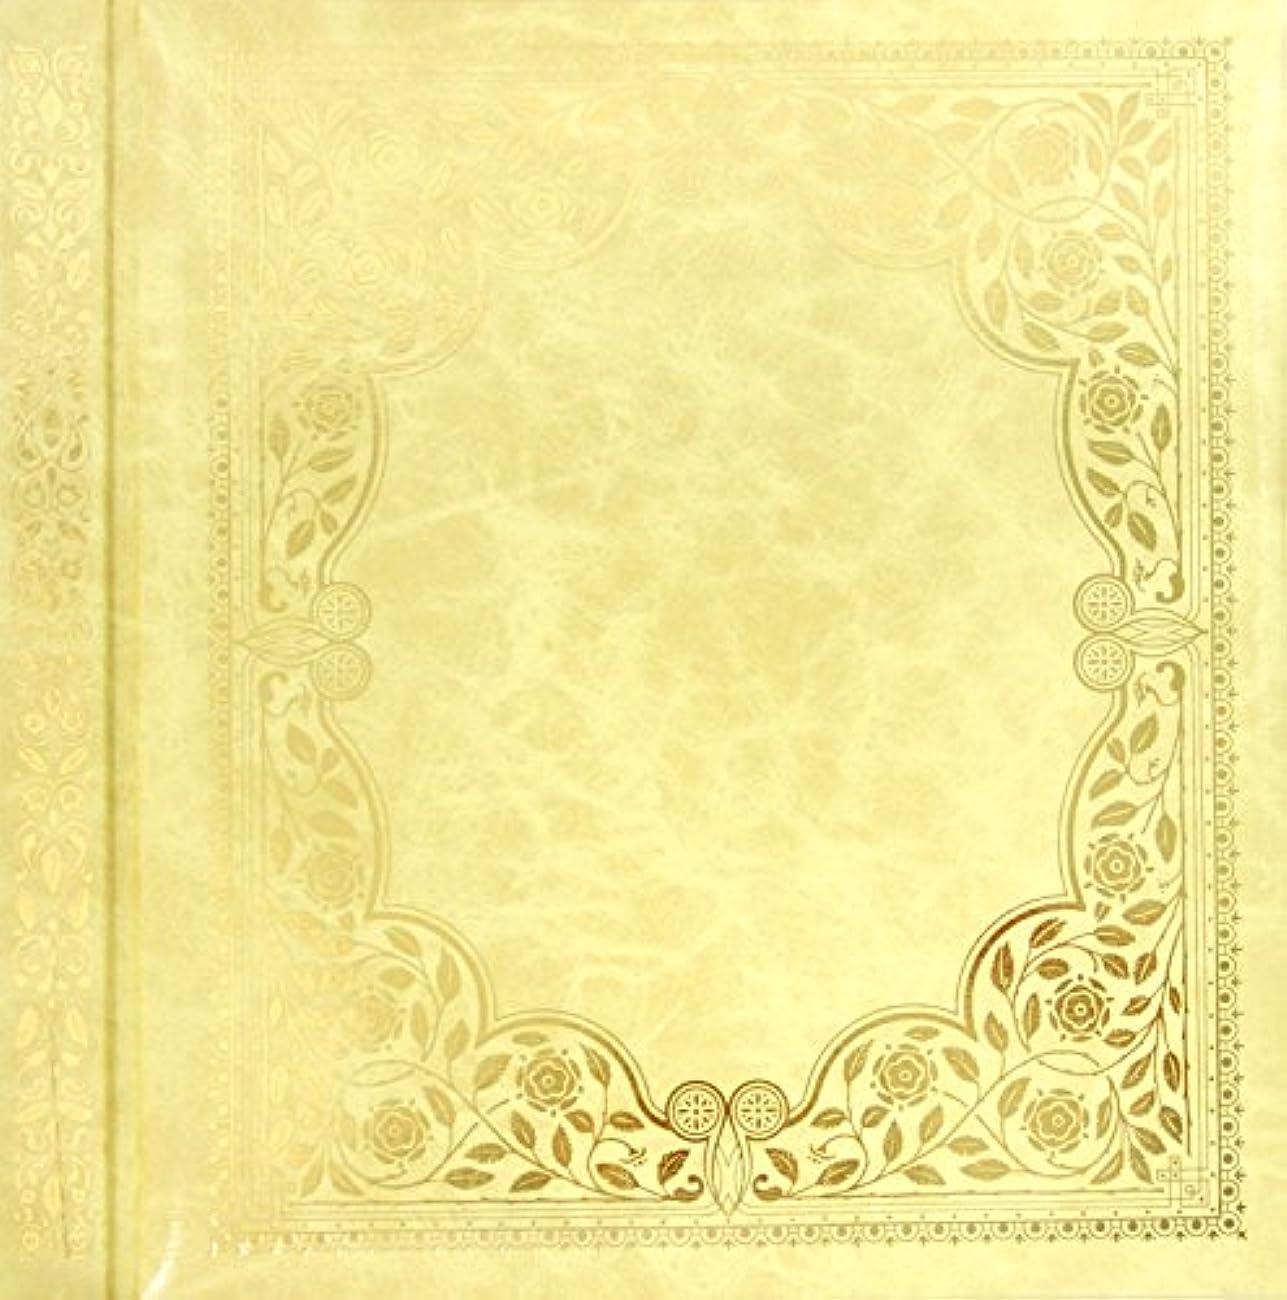 衝突コース珍味優雅なコクヨ アルバム 写真 ジョイナーアルバム 一般用 Lサイズ 白 ア-L02W